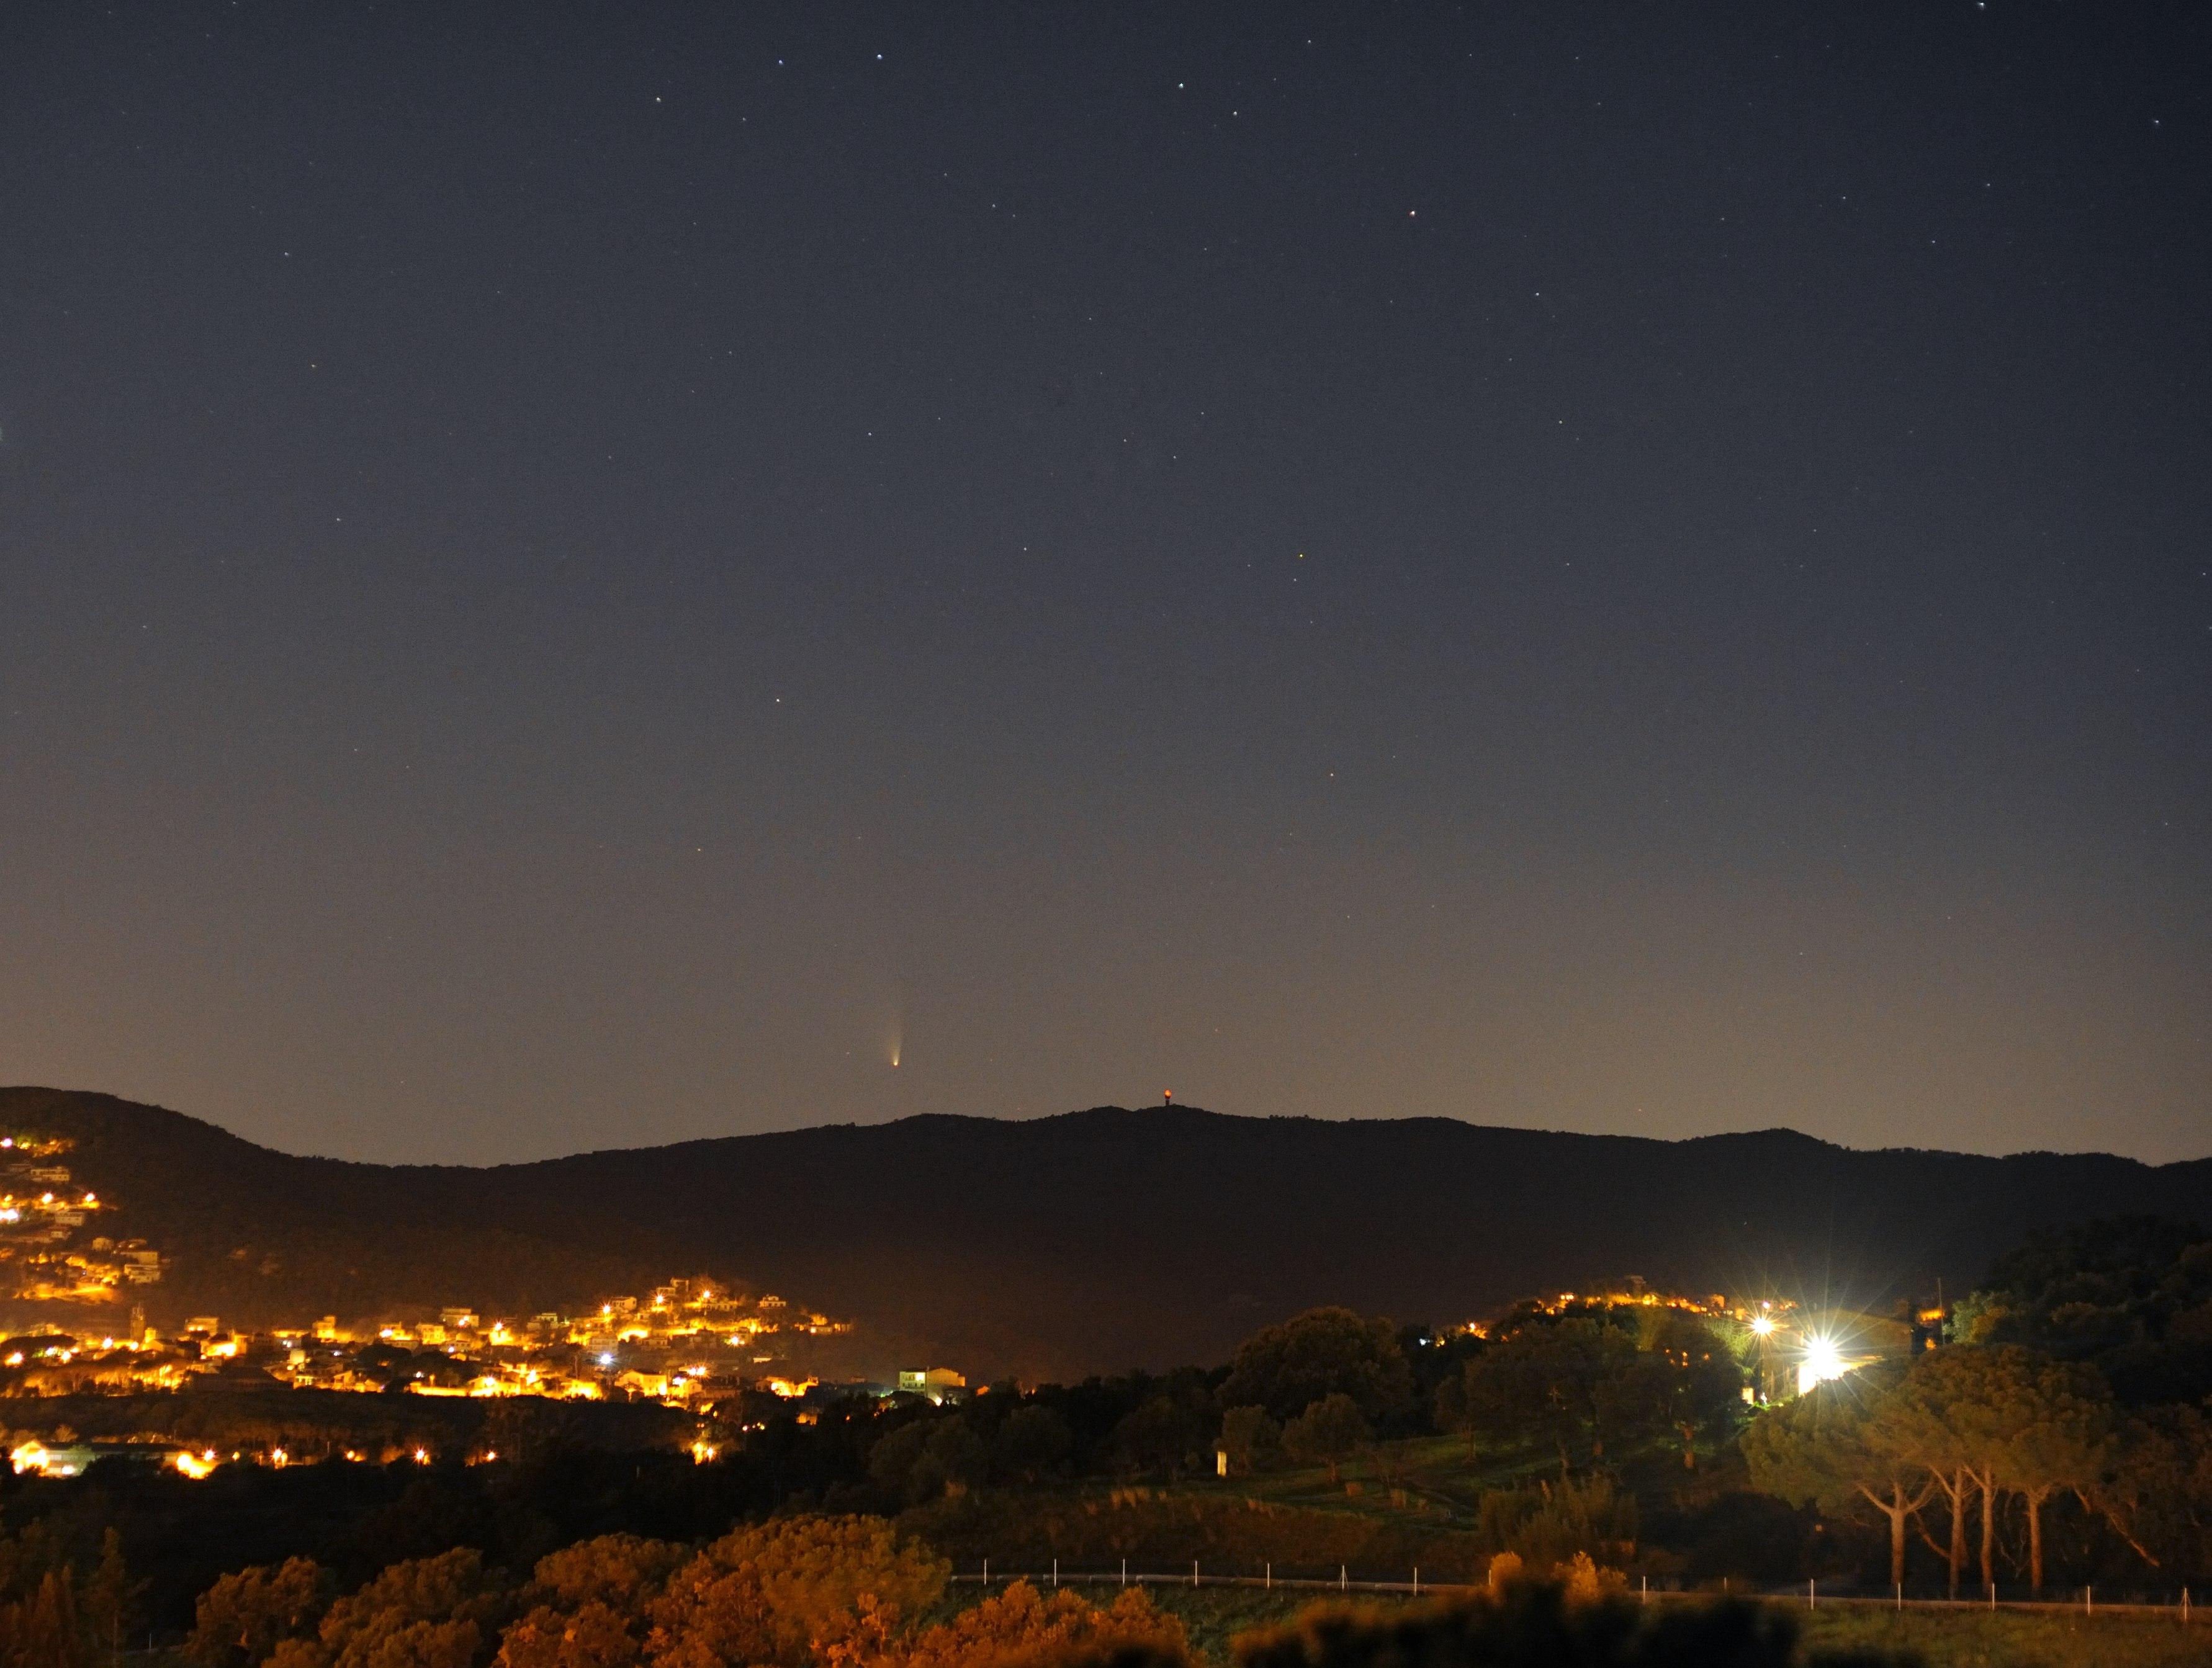 Cometa C/2011 L4 des de Sant Antoni de Calonge, amb el radar meteorològic del Puig d'Arques. Josep Maria Petit Prats